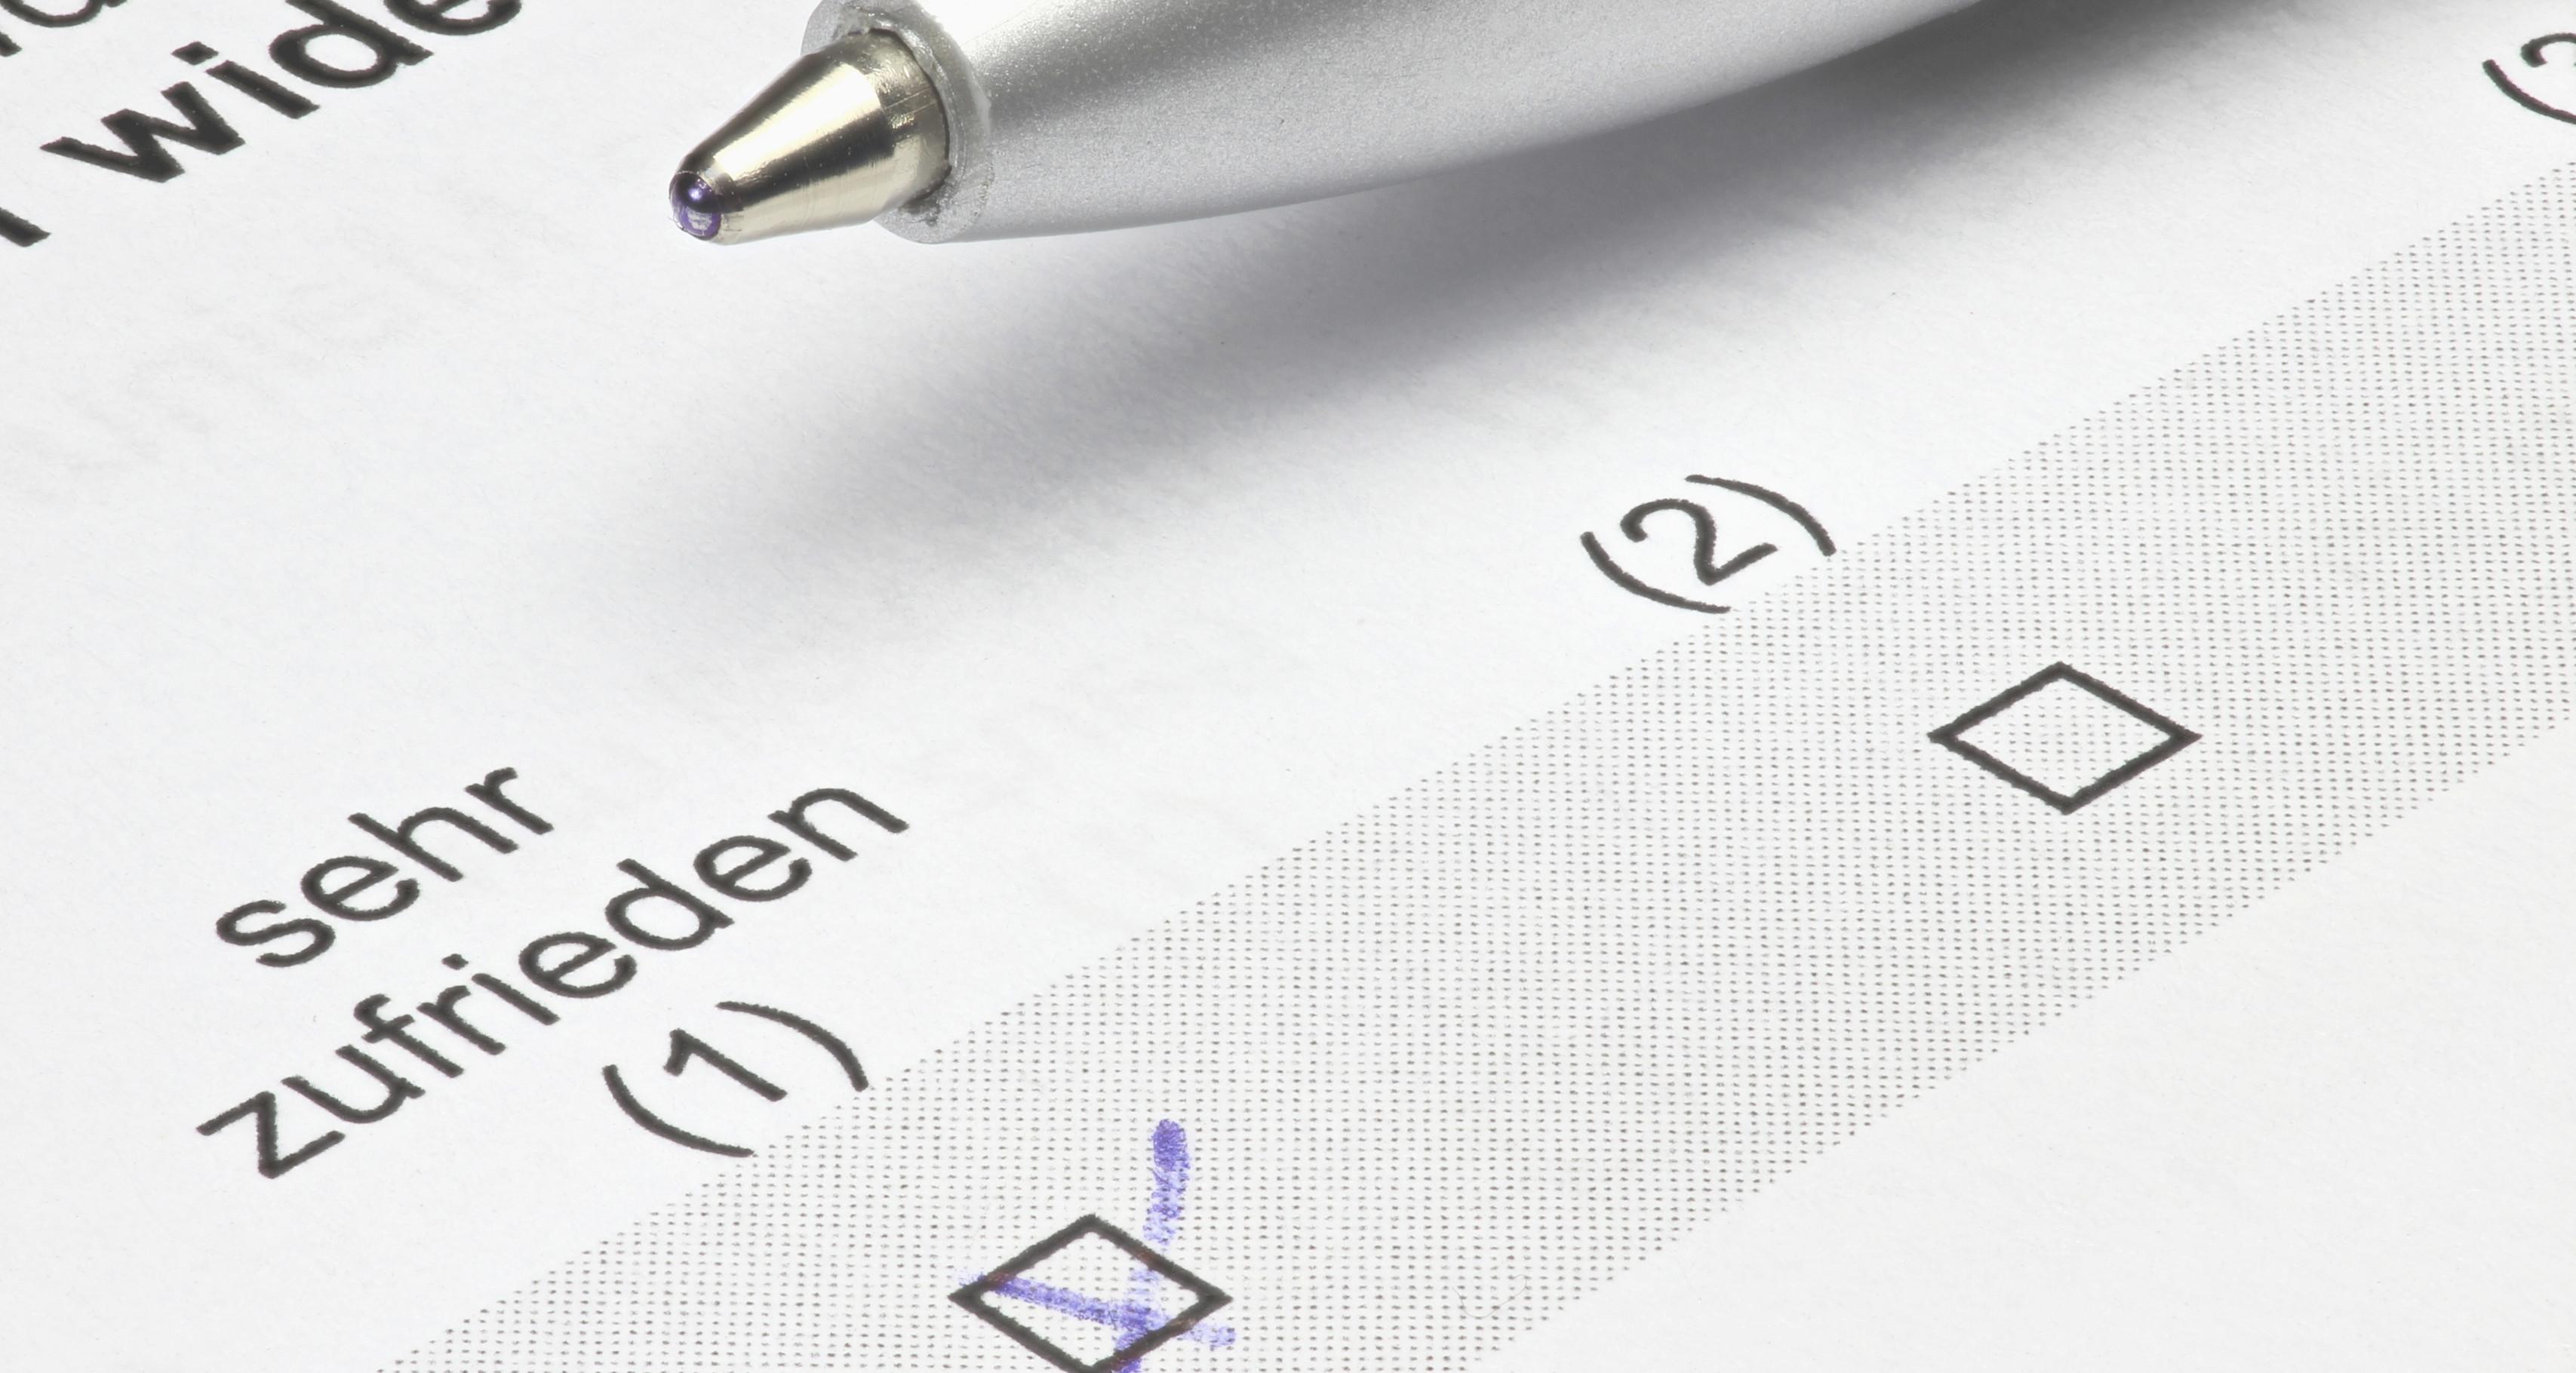 CONSCIE-Symbolbild für Mitarbeiterbefragungen